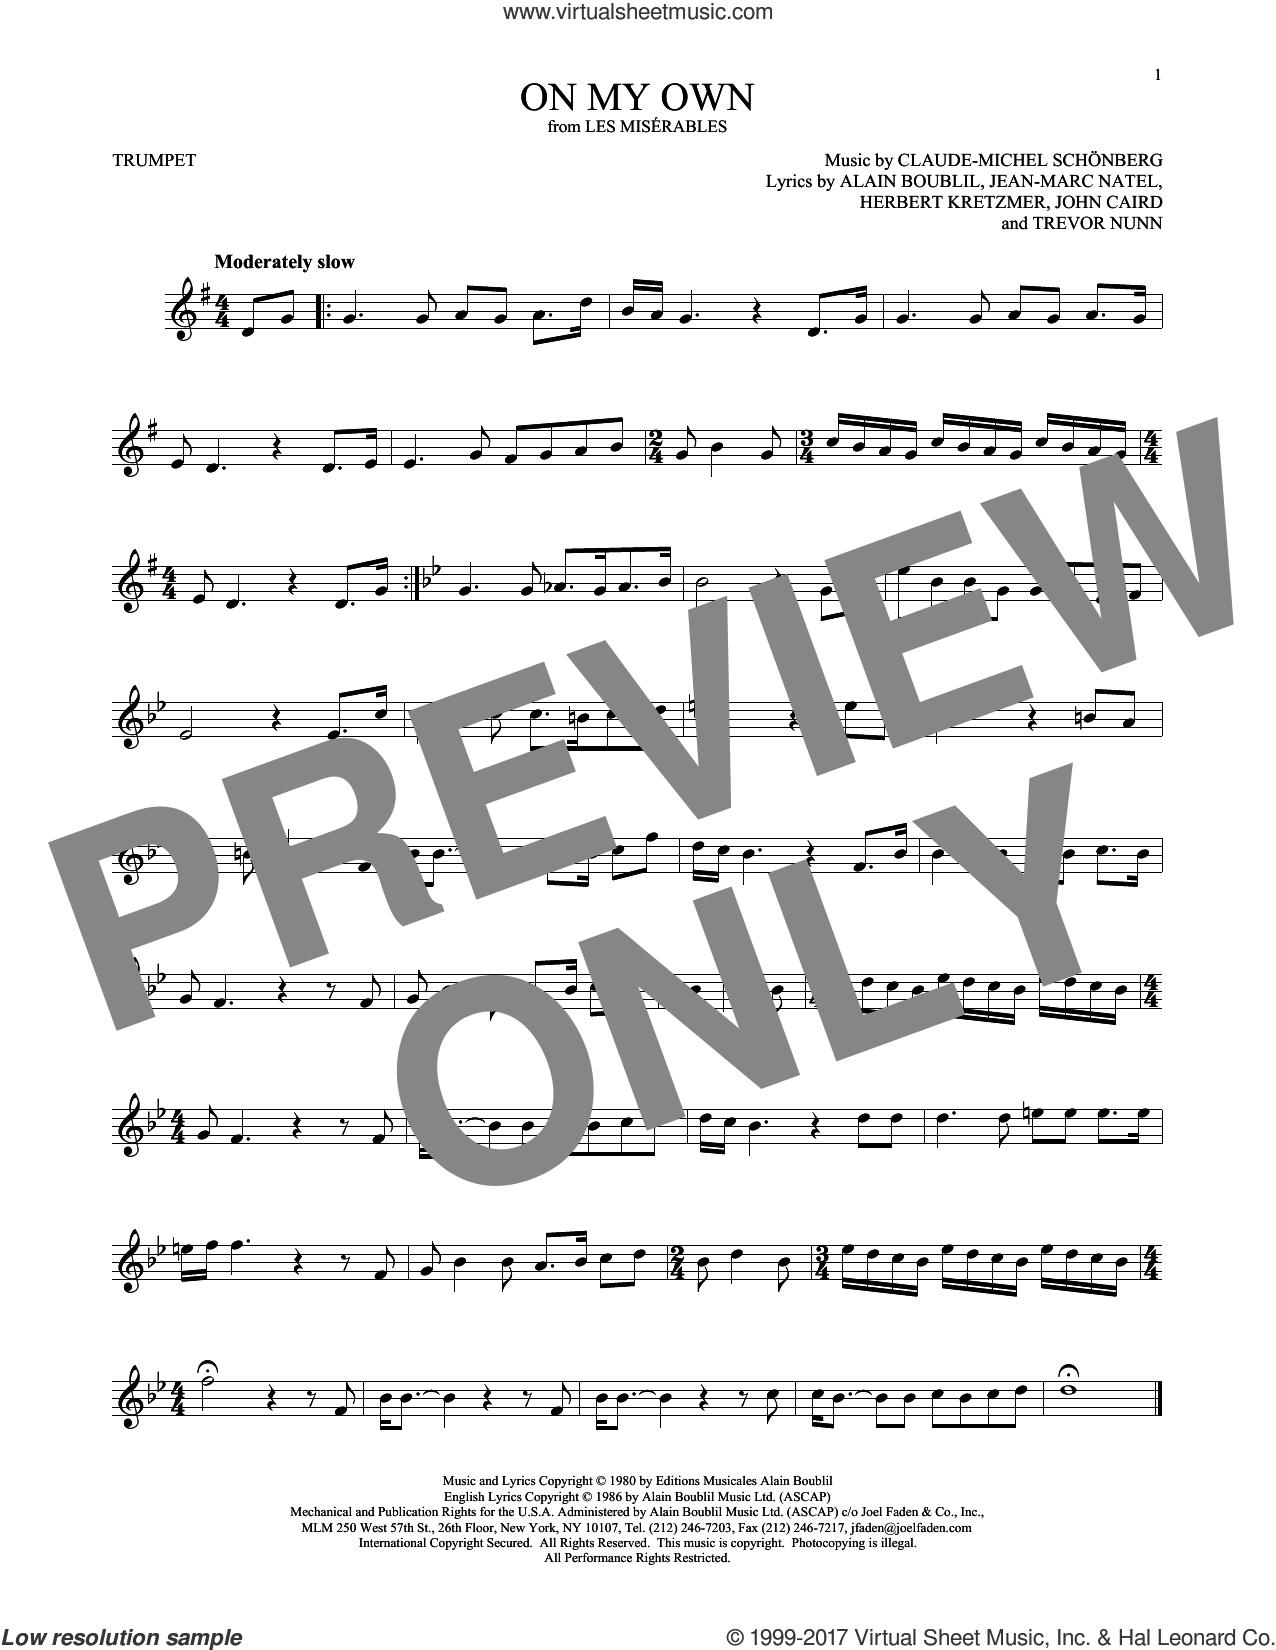 On My Own sheet music for trumpet solo by Alain Boublil, Claude-Michel Schonberg, Herbert Kretzmer, Jean-Marc Natel, John Caird and Trevor Nunn, intermediate skill level